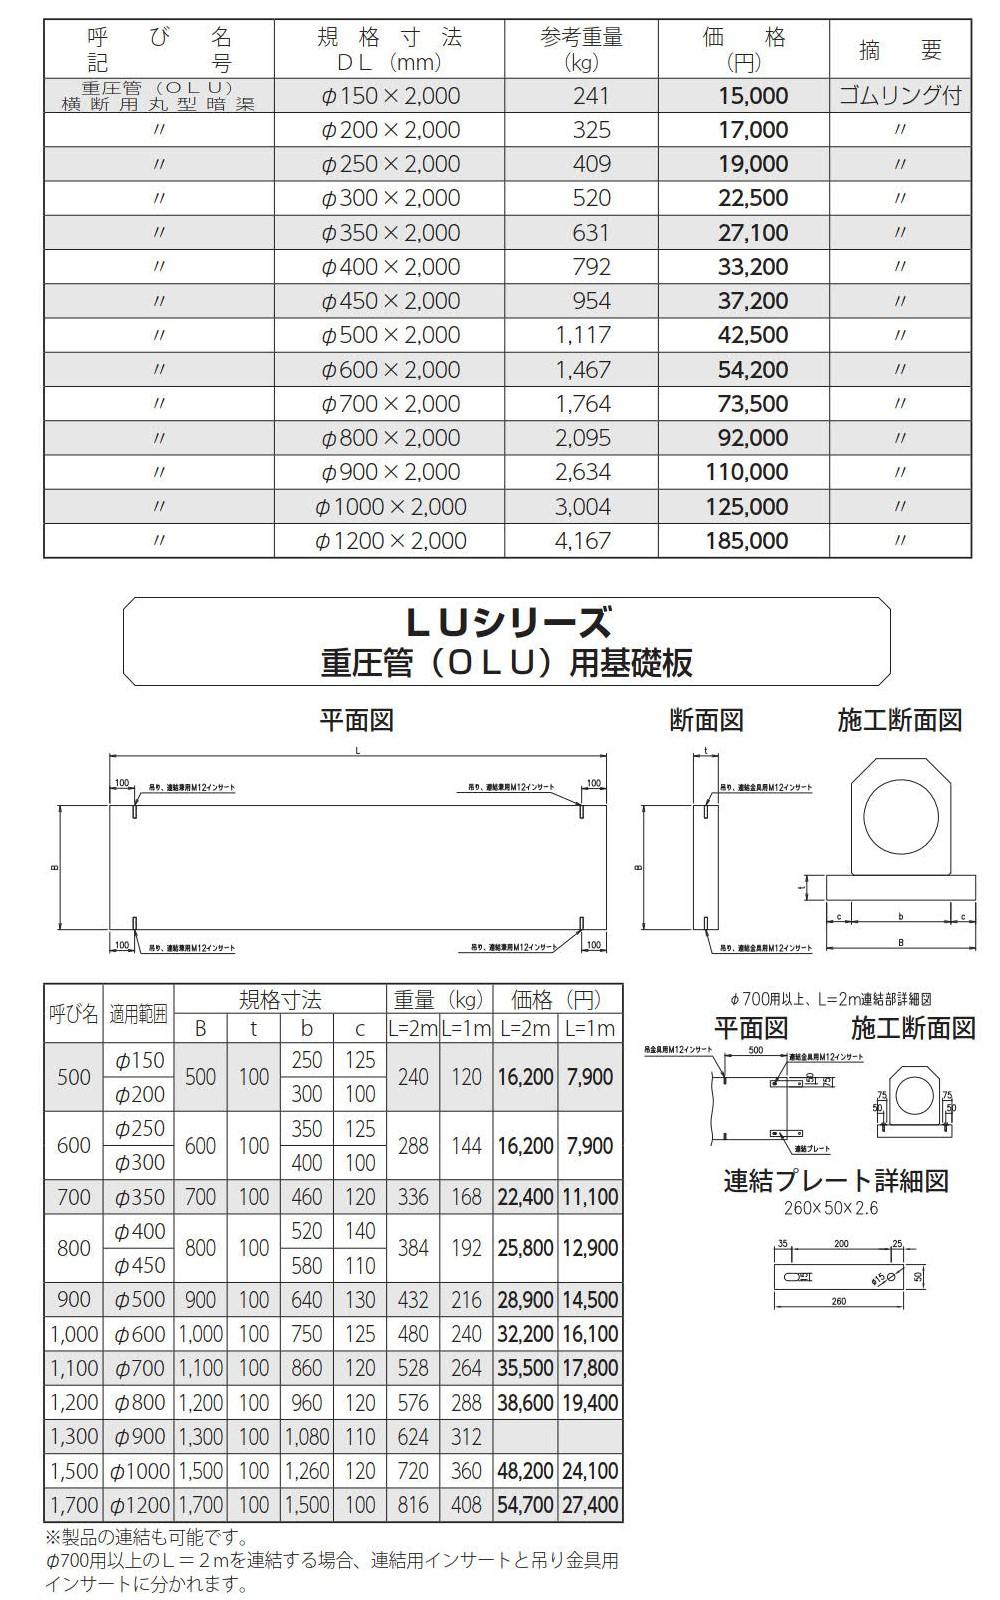 オリジナル側溝|重圧管(OLU) 外形寸法 1